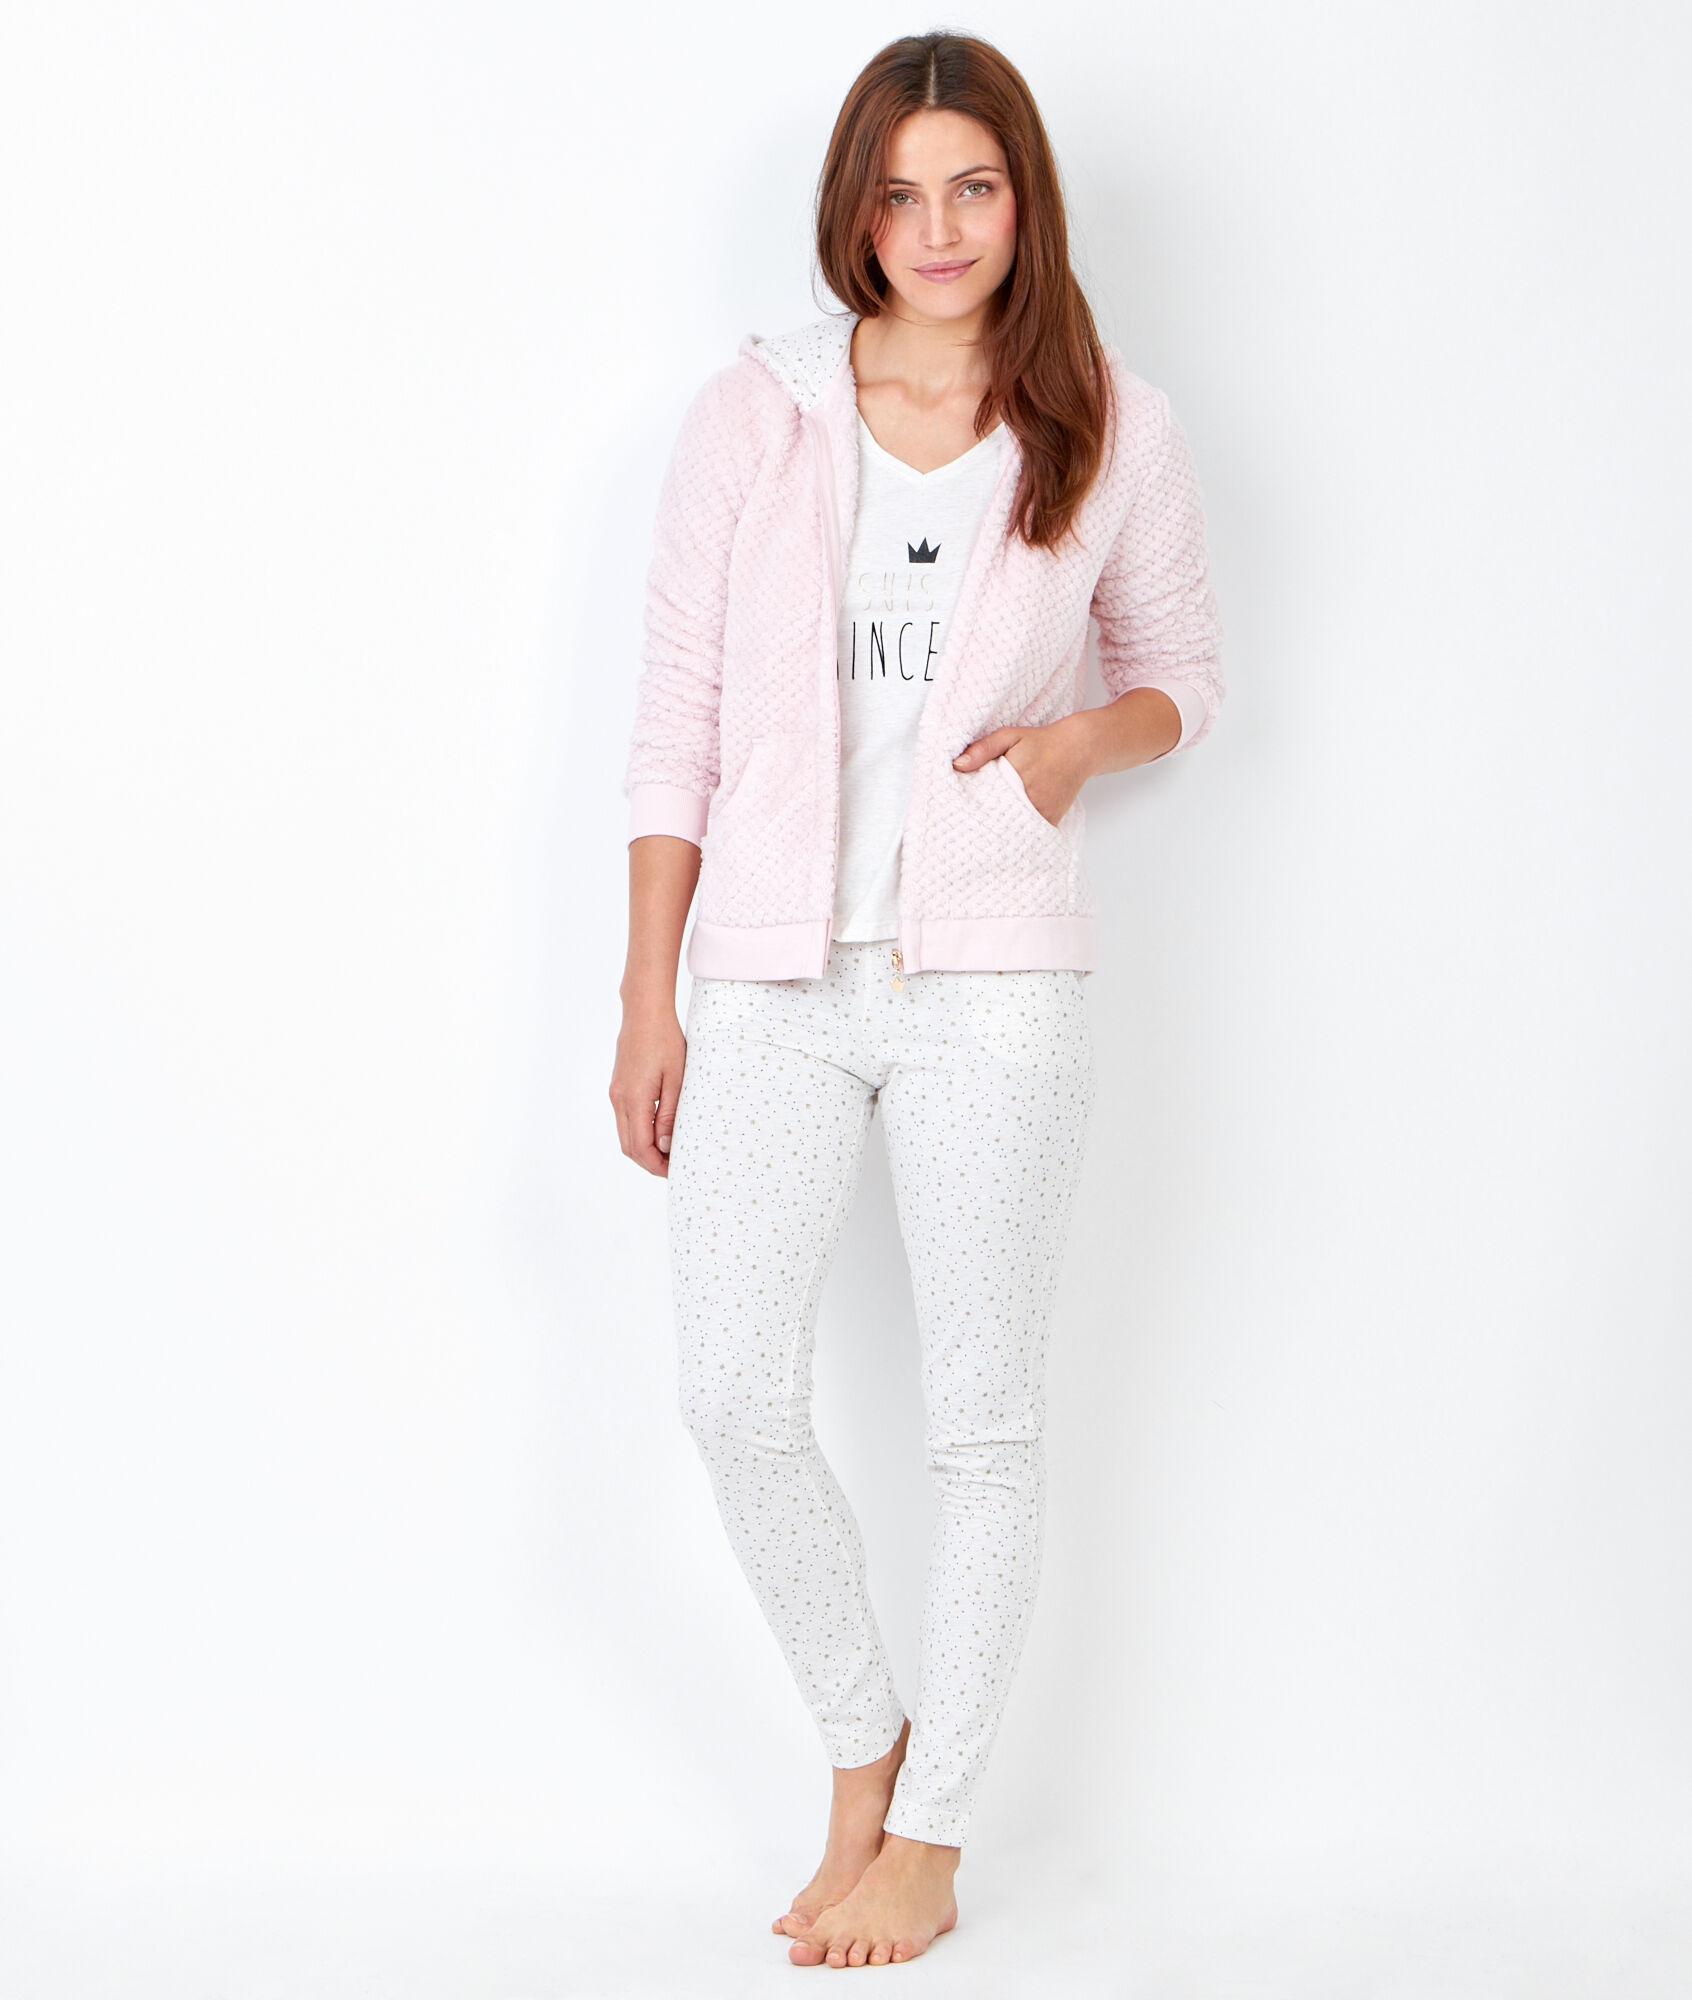 princesse pyjama 3 pi ces pantalon imprim et veste toucher polaire etam. Black Bedroom Furniture Sets. Home Design Ideas